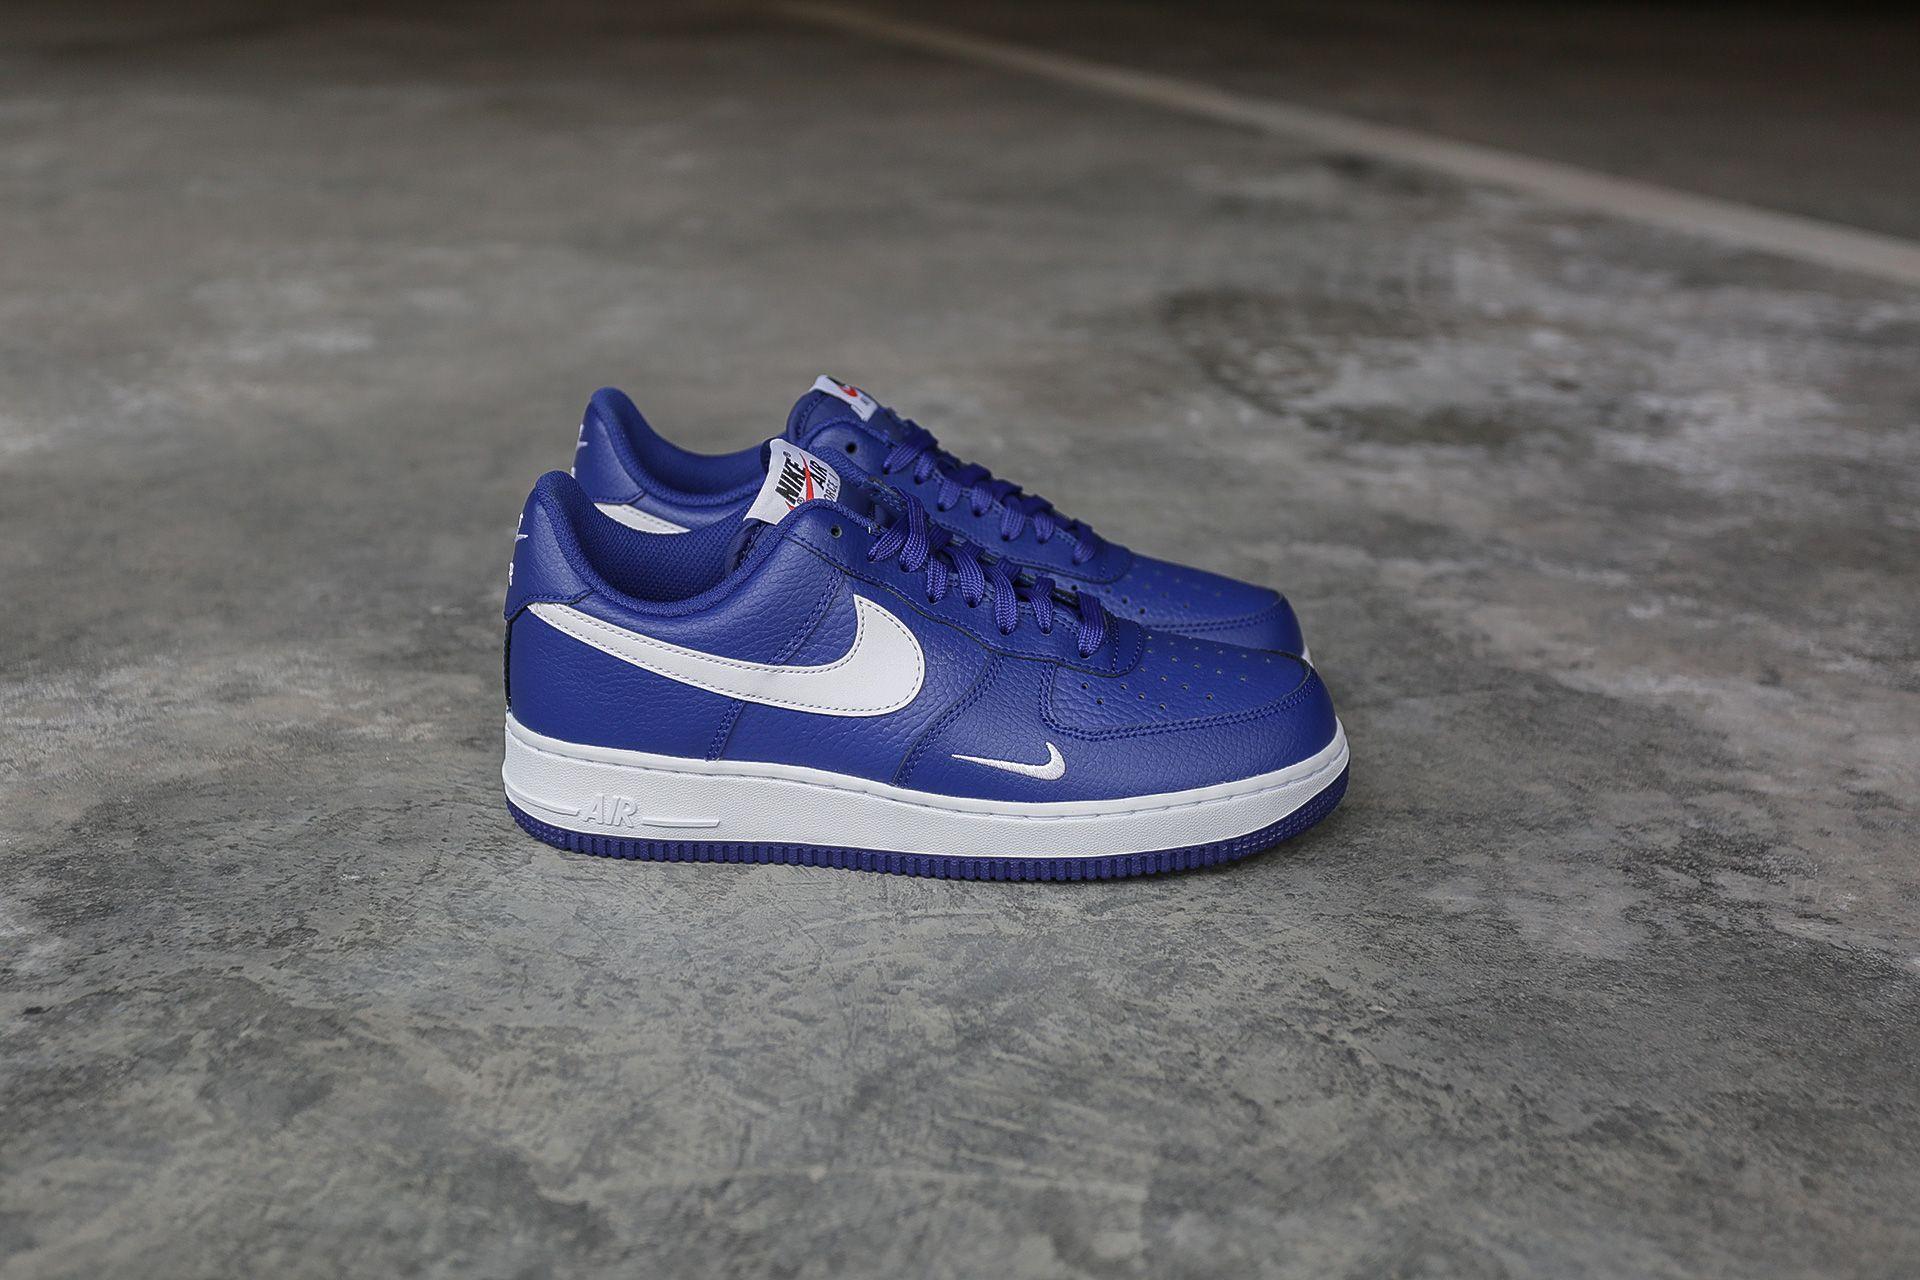 afe0e71d Купить синие мужские кроссовки Air Force 1 от Nike (820266-406) по ...